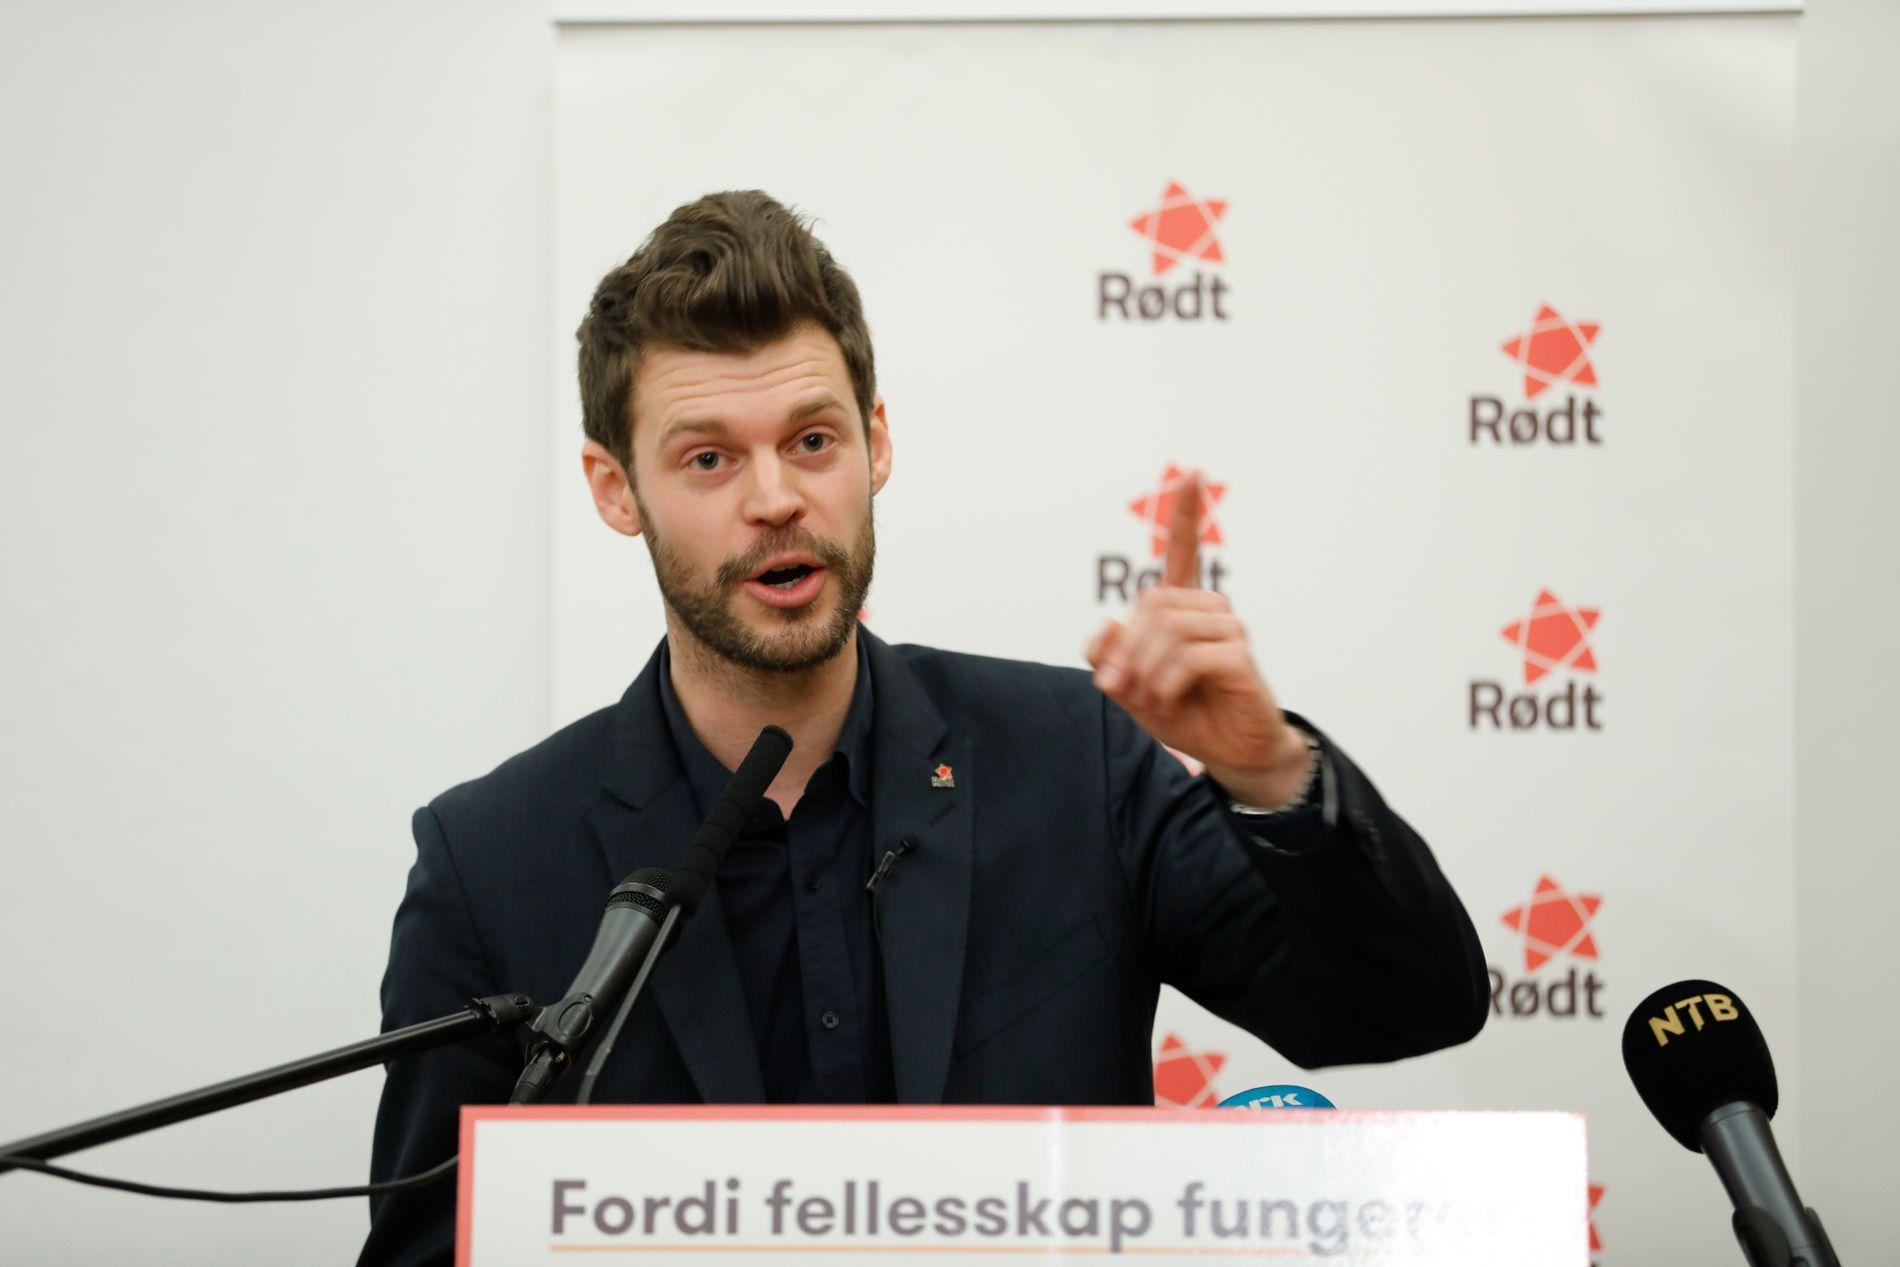 SOSIALISME: –  Rødt vil holde fast i ideen om at sosialistisk folkestyre fungerer bedre enn kapitalistisk konkurranse, skriver partiets leder, Bjørnar Moxnes.